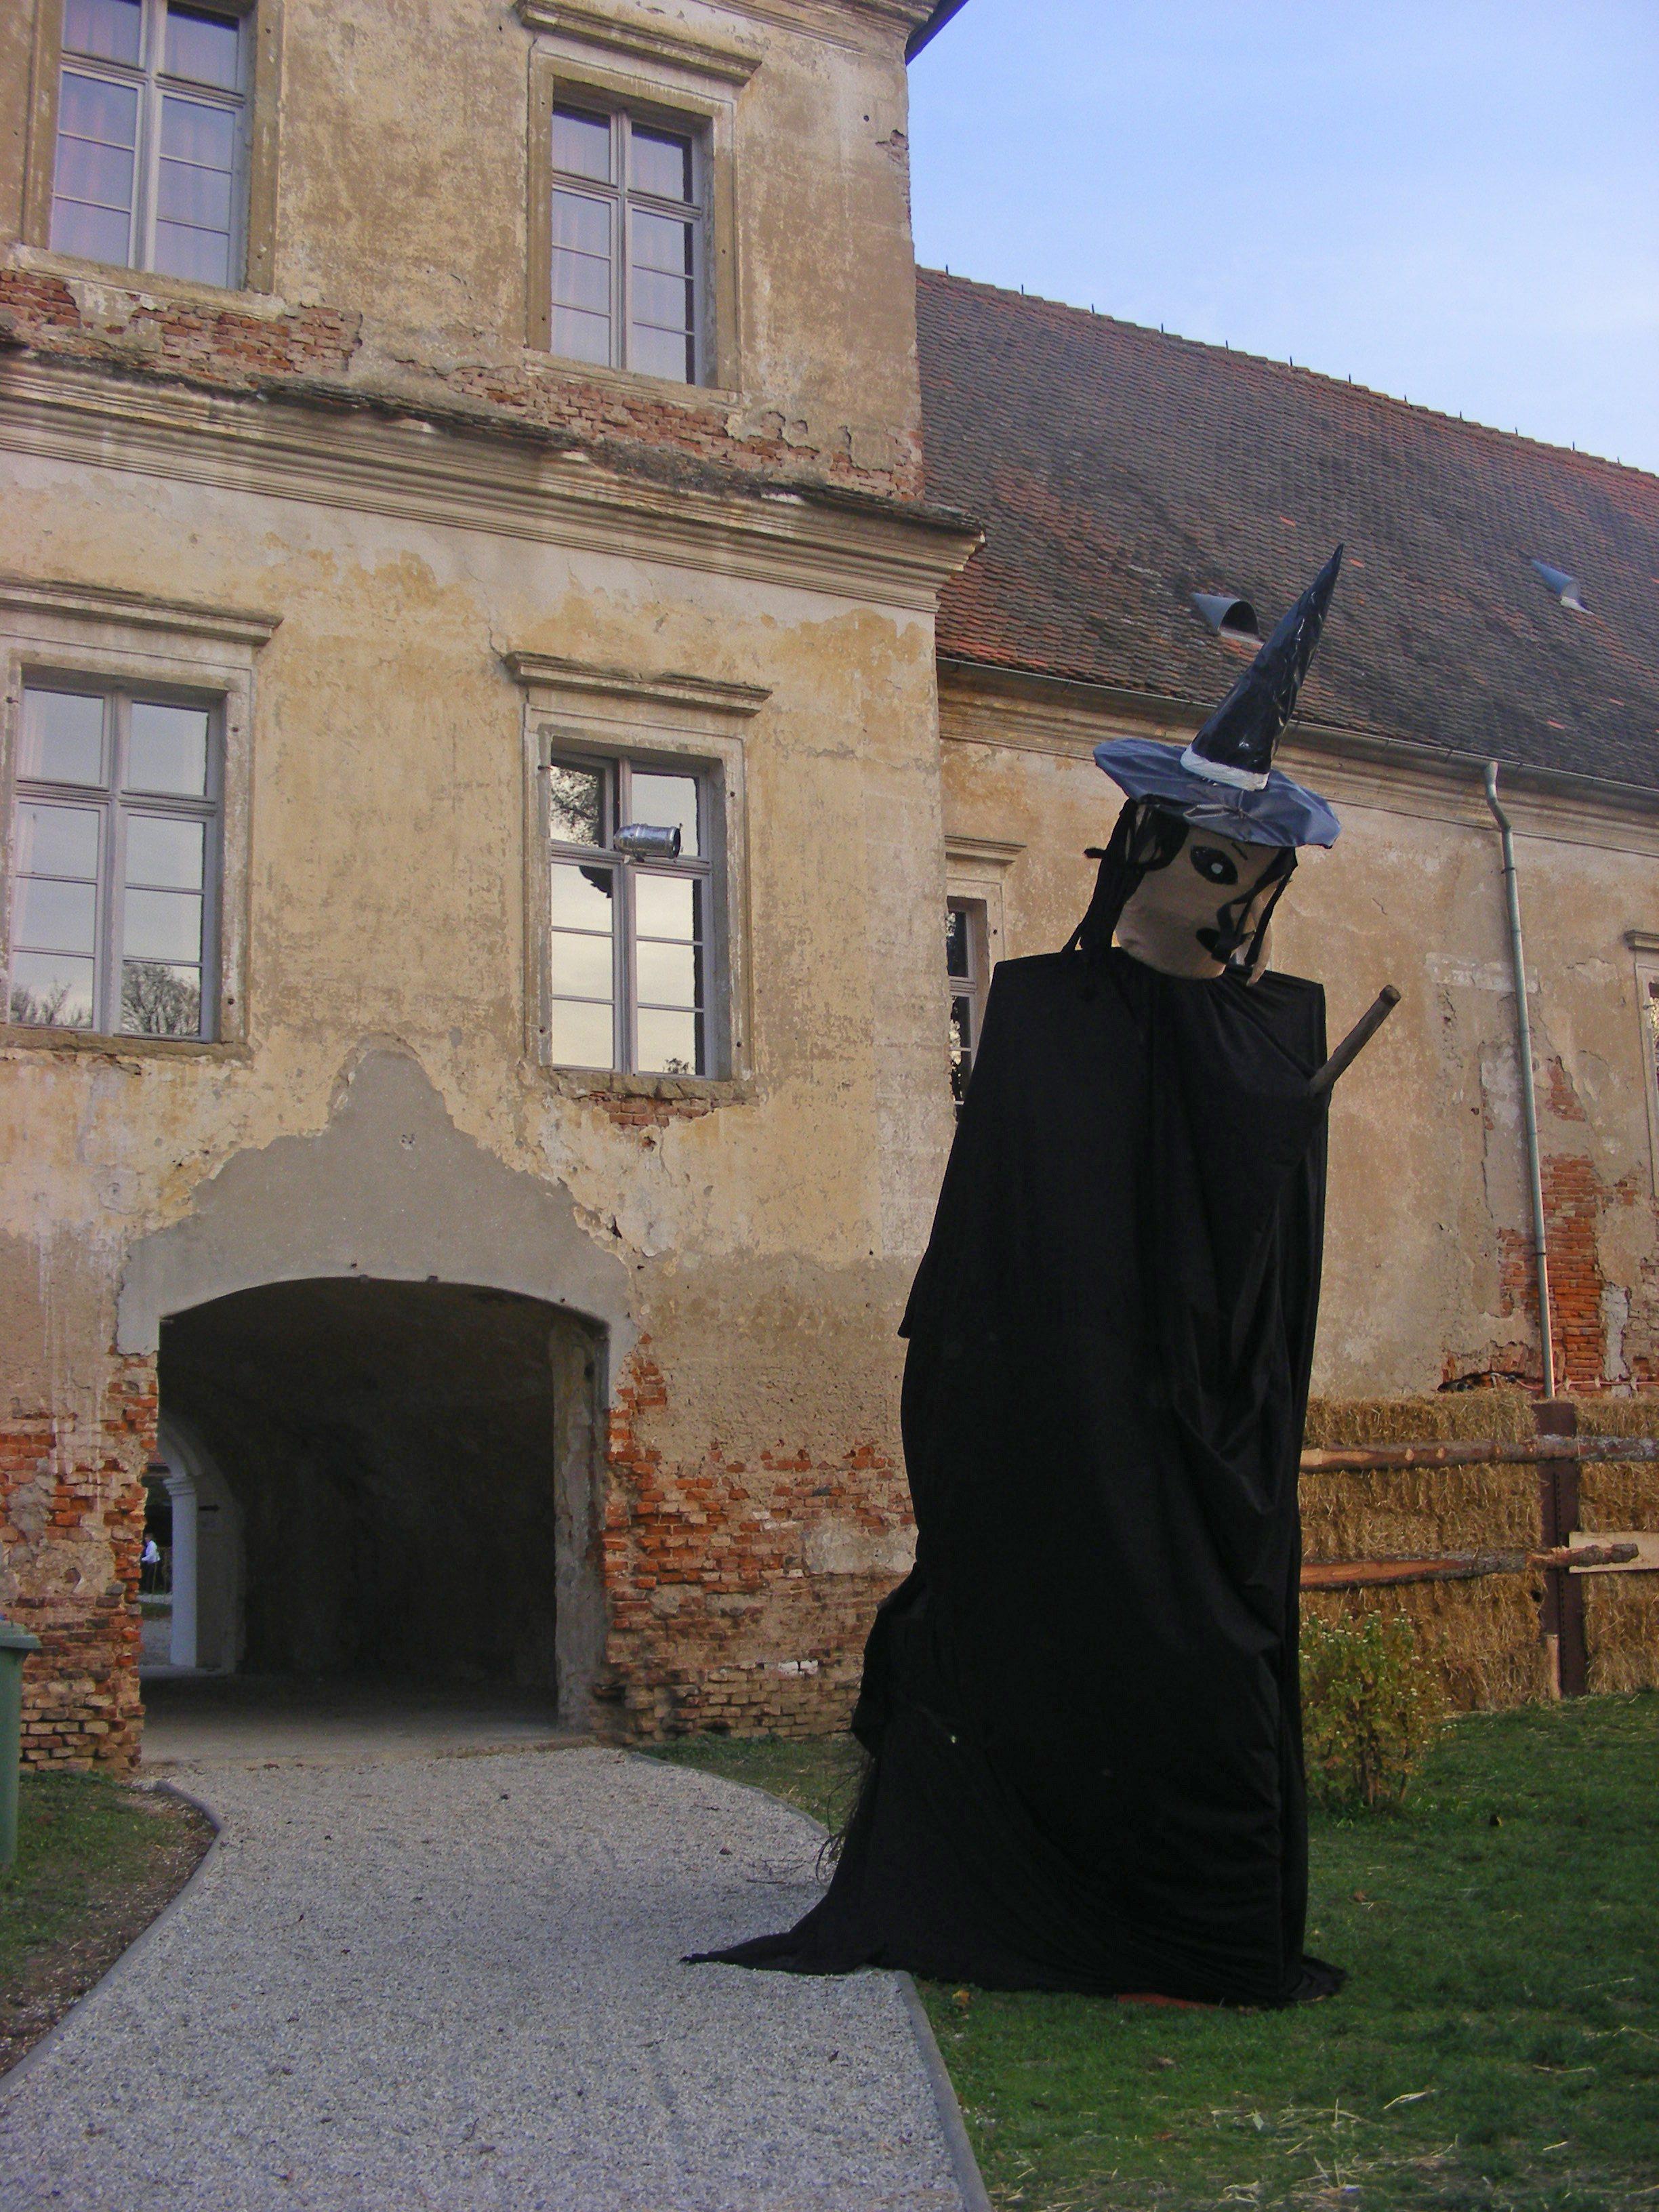 Dvorec Rakičan so že začele obletavati čarovnice